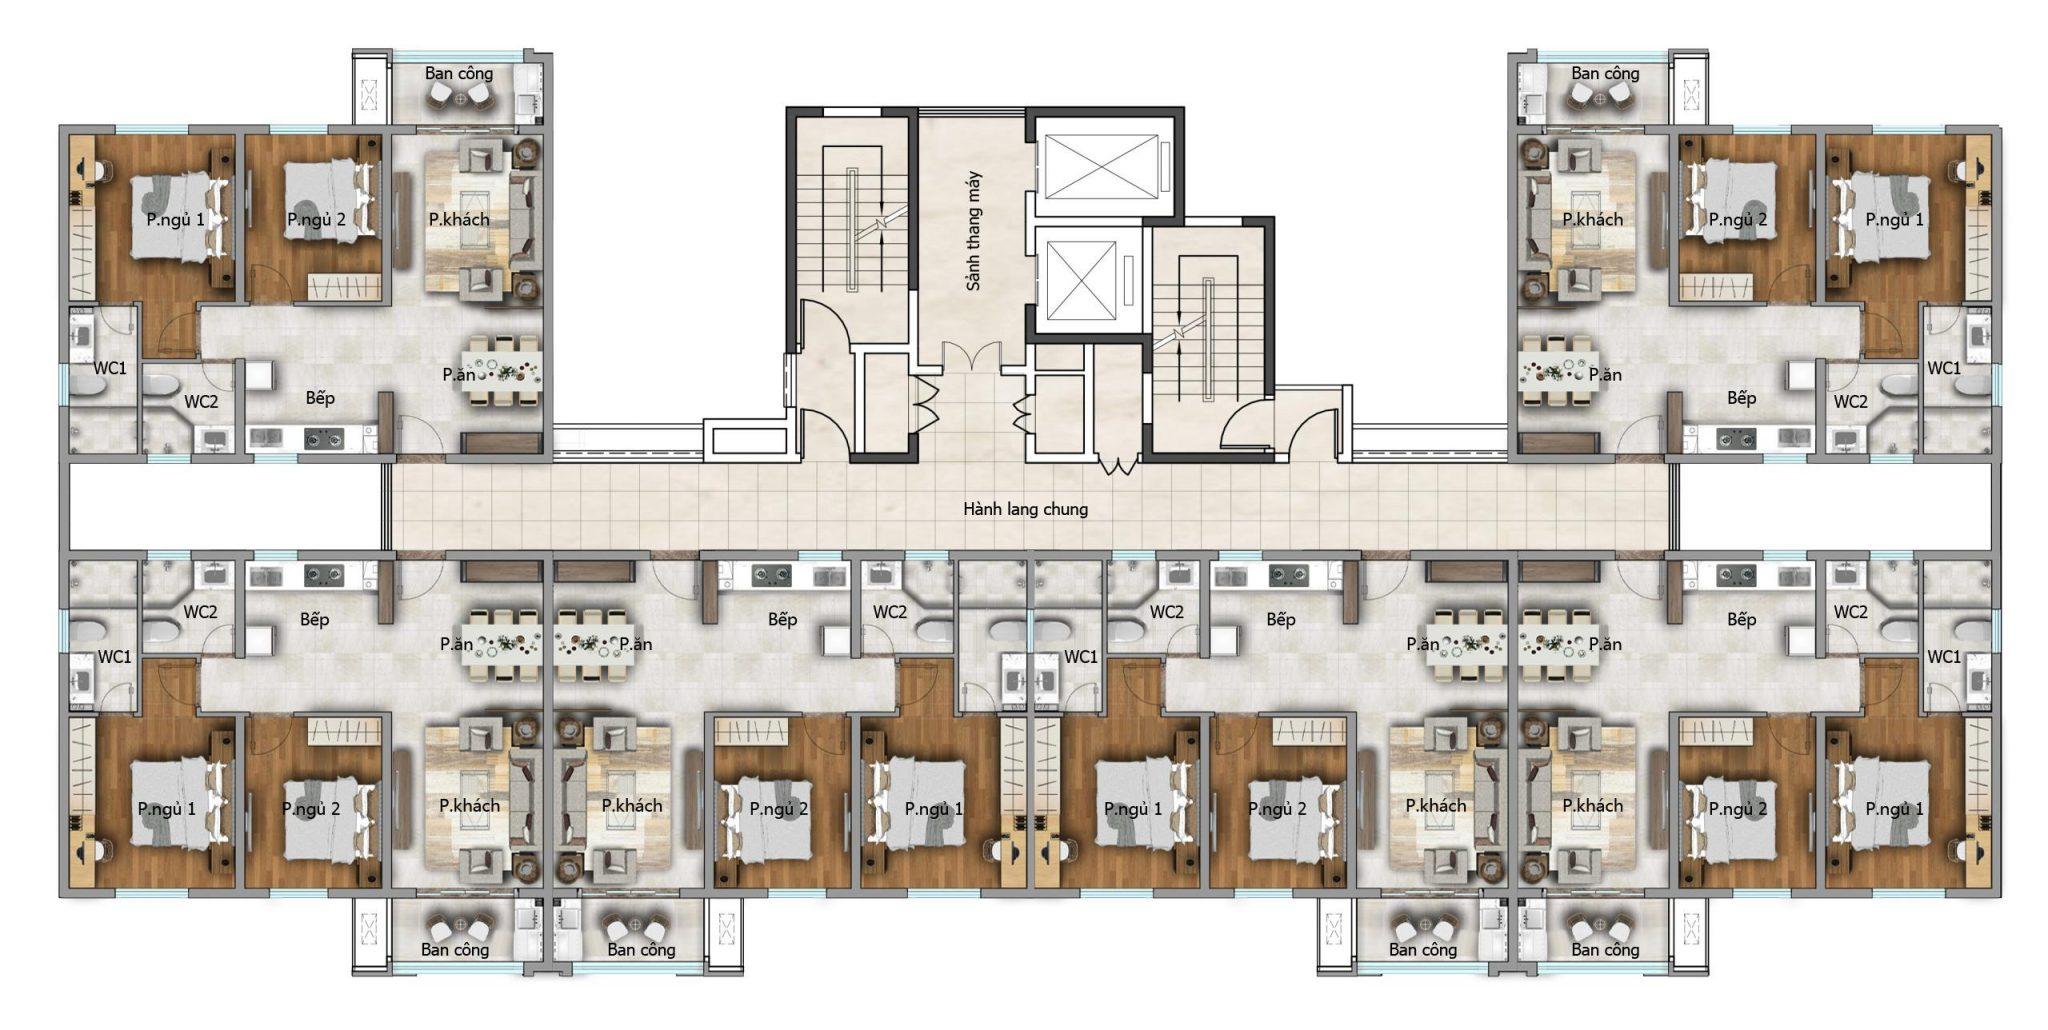 Mặt bằng sàn từ tầng 5 đến 18